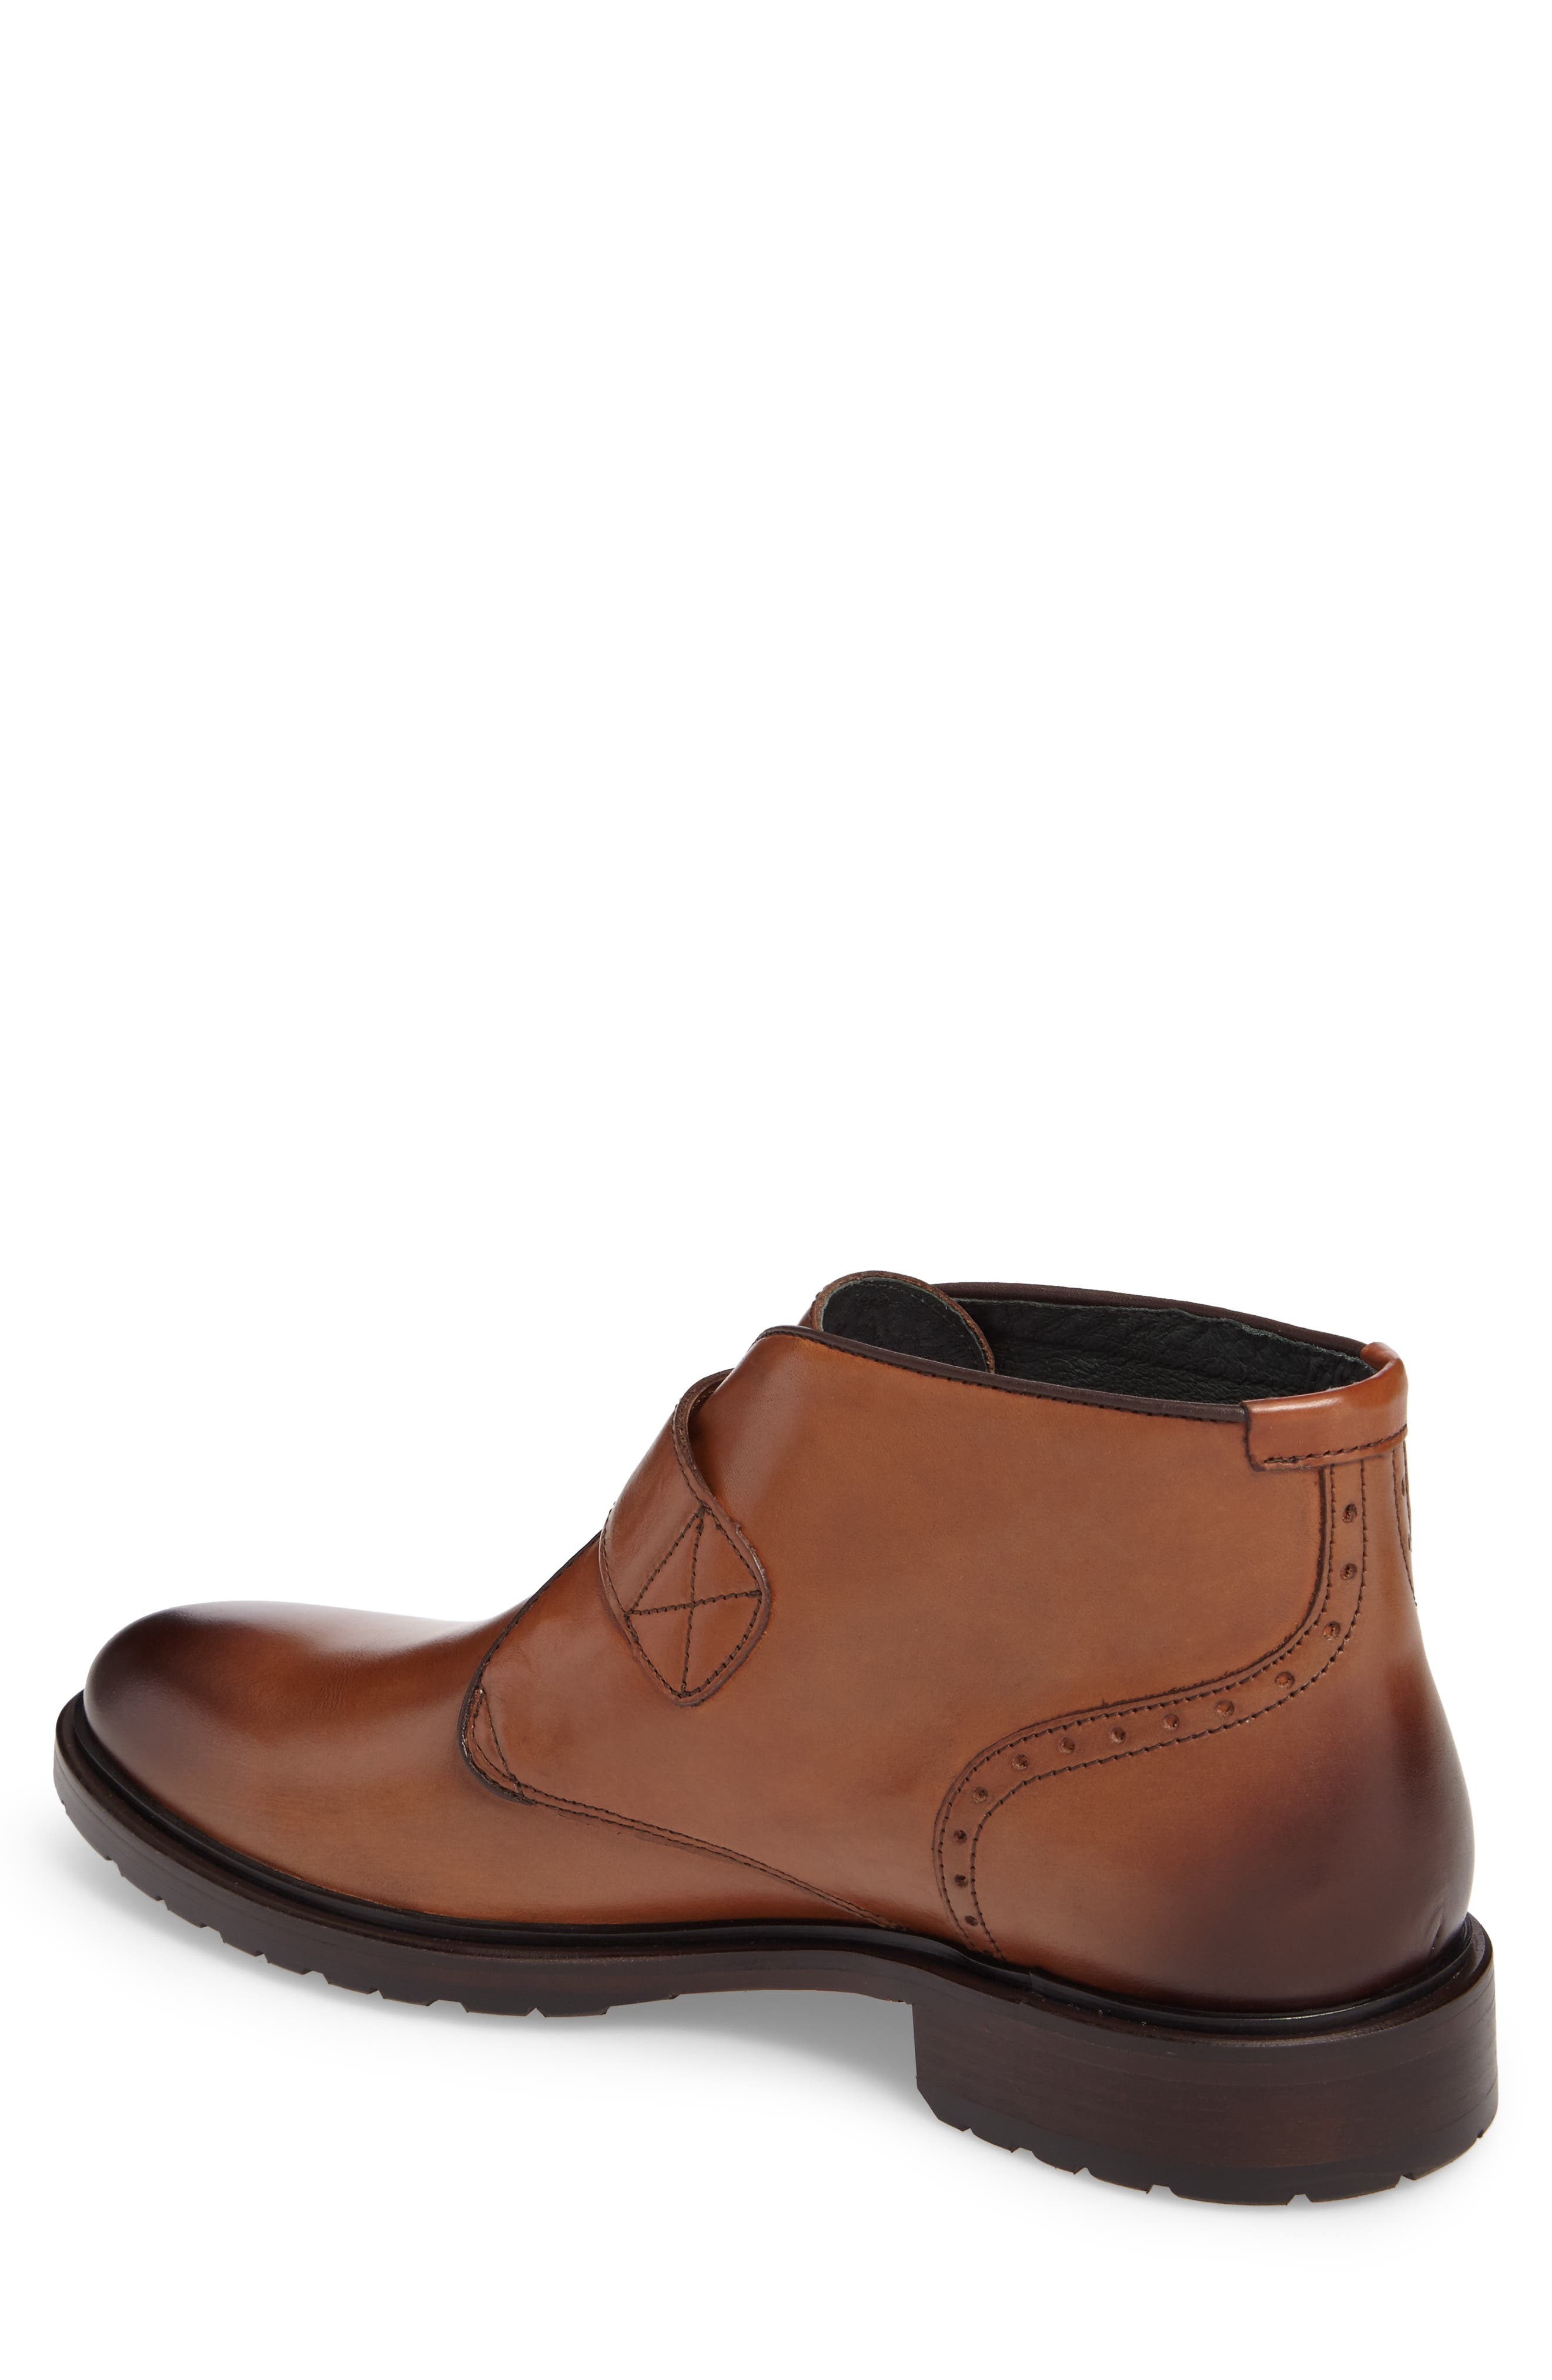 Myles Monk Strap Boot,                             Alternate thumbnail 2, color,                             Cognac Leather